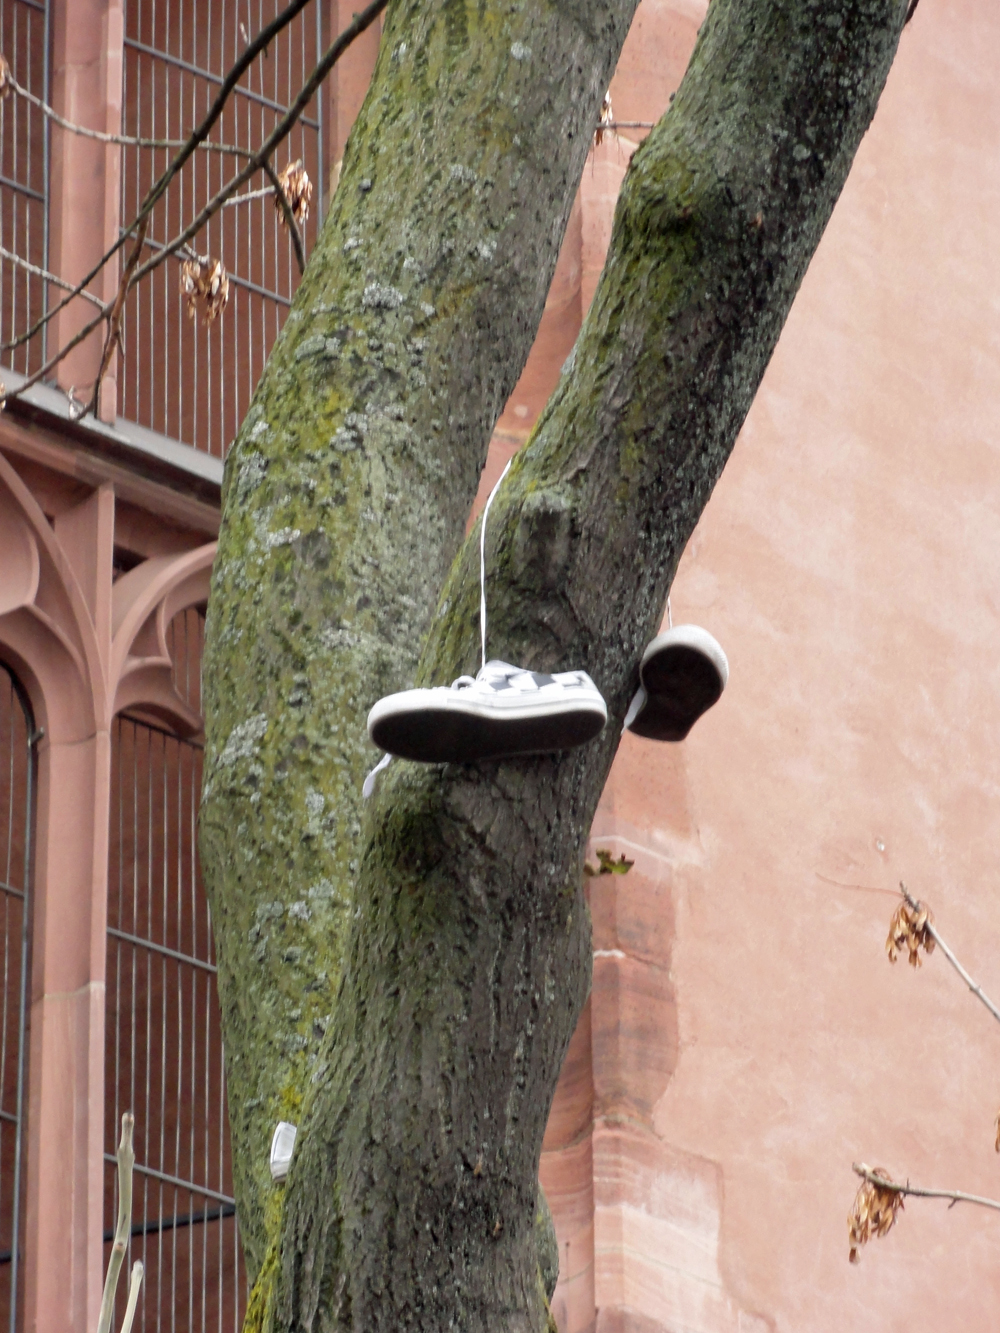 Schuhe an Schnürsenkeln aufgehangen im öffentlichen Raum